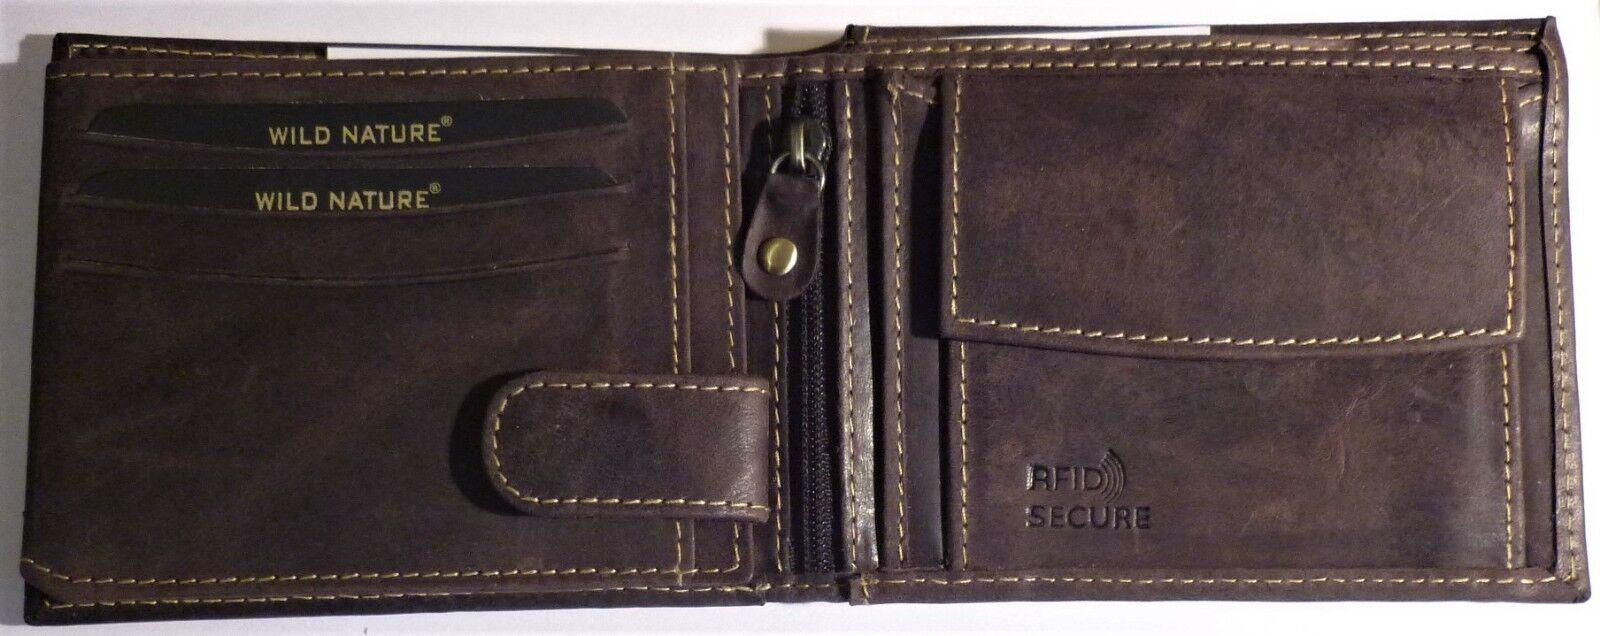 + Wild Nature Geldbörse aus Büffelleder RFID-Schutz Dunkelbraun D305C